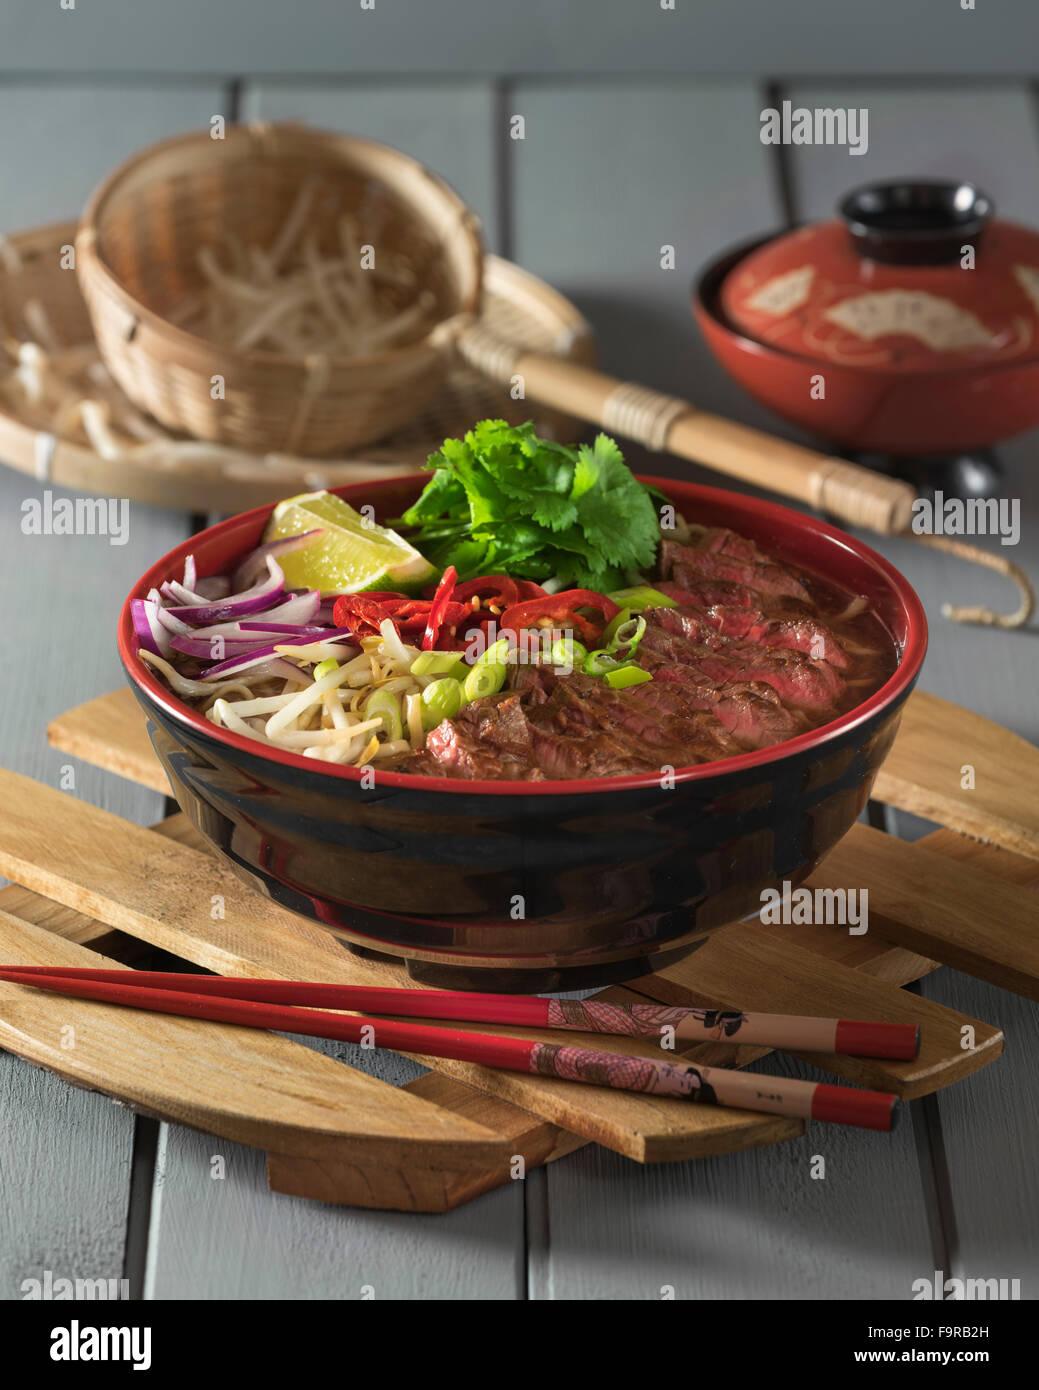 Carni bovine ramen. Piccante di brodo di carne di manzo e tagliatelle. Il cibo giapponese Immagini Stock